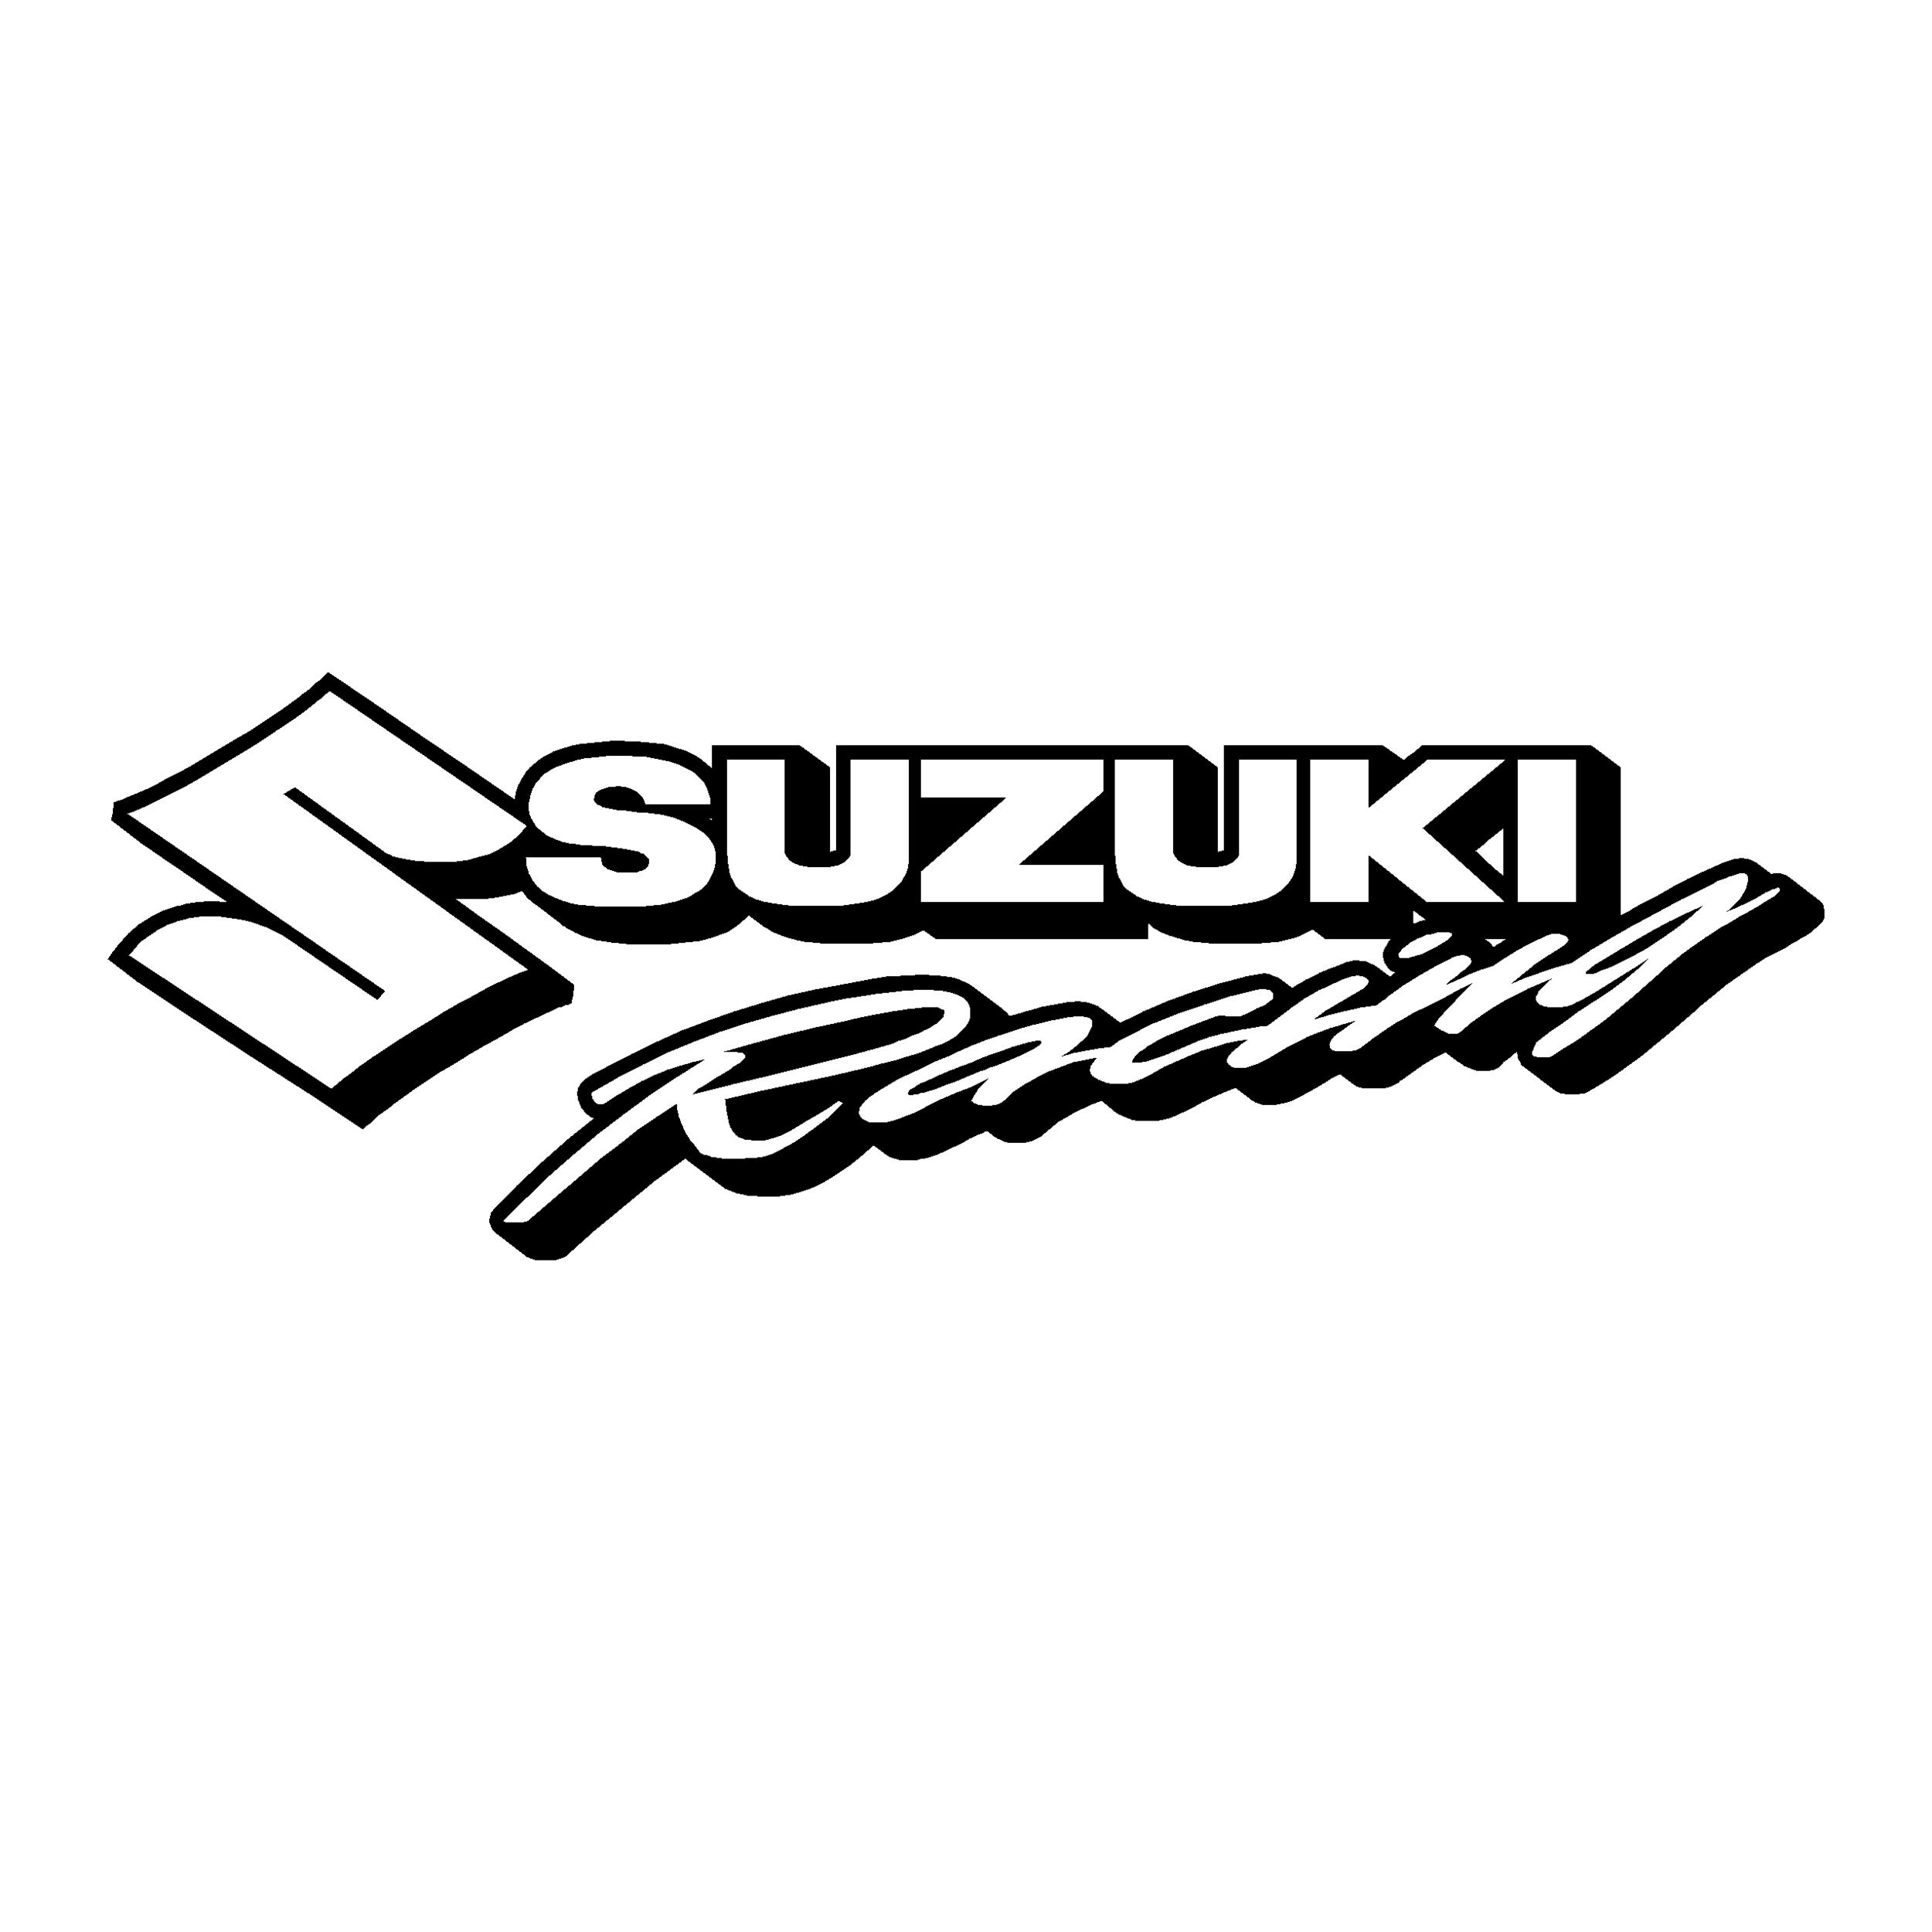 Sticker Suzuki Ref 136 Moto Suzuki Automotostick